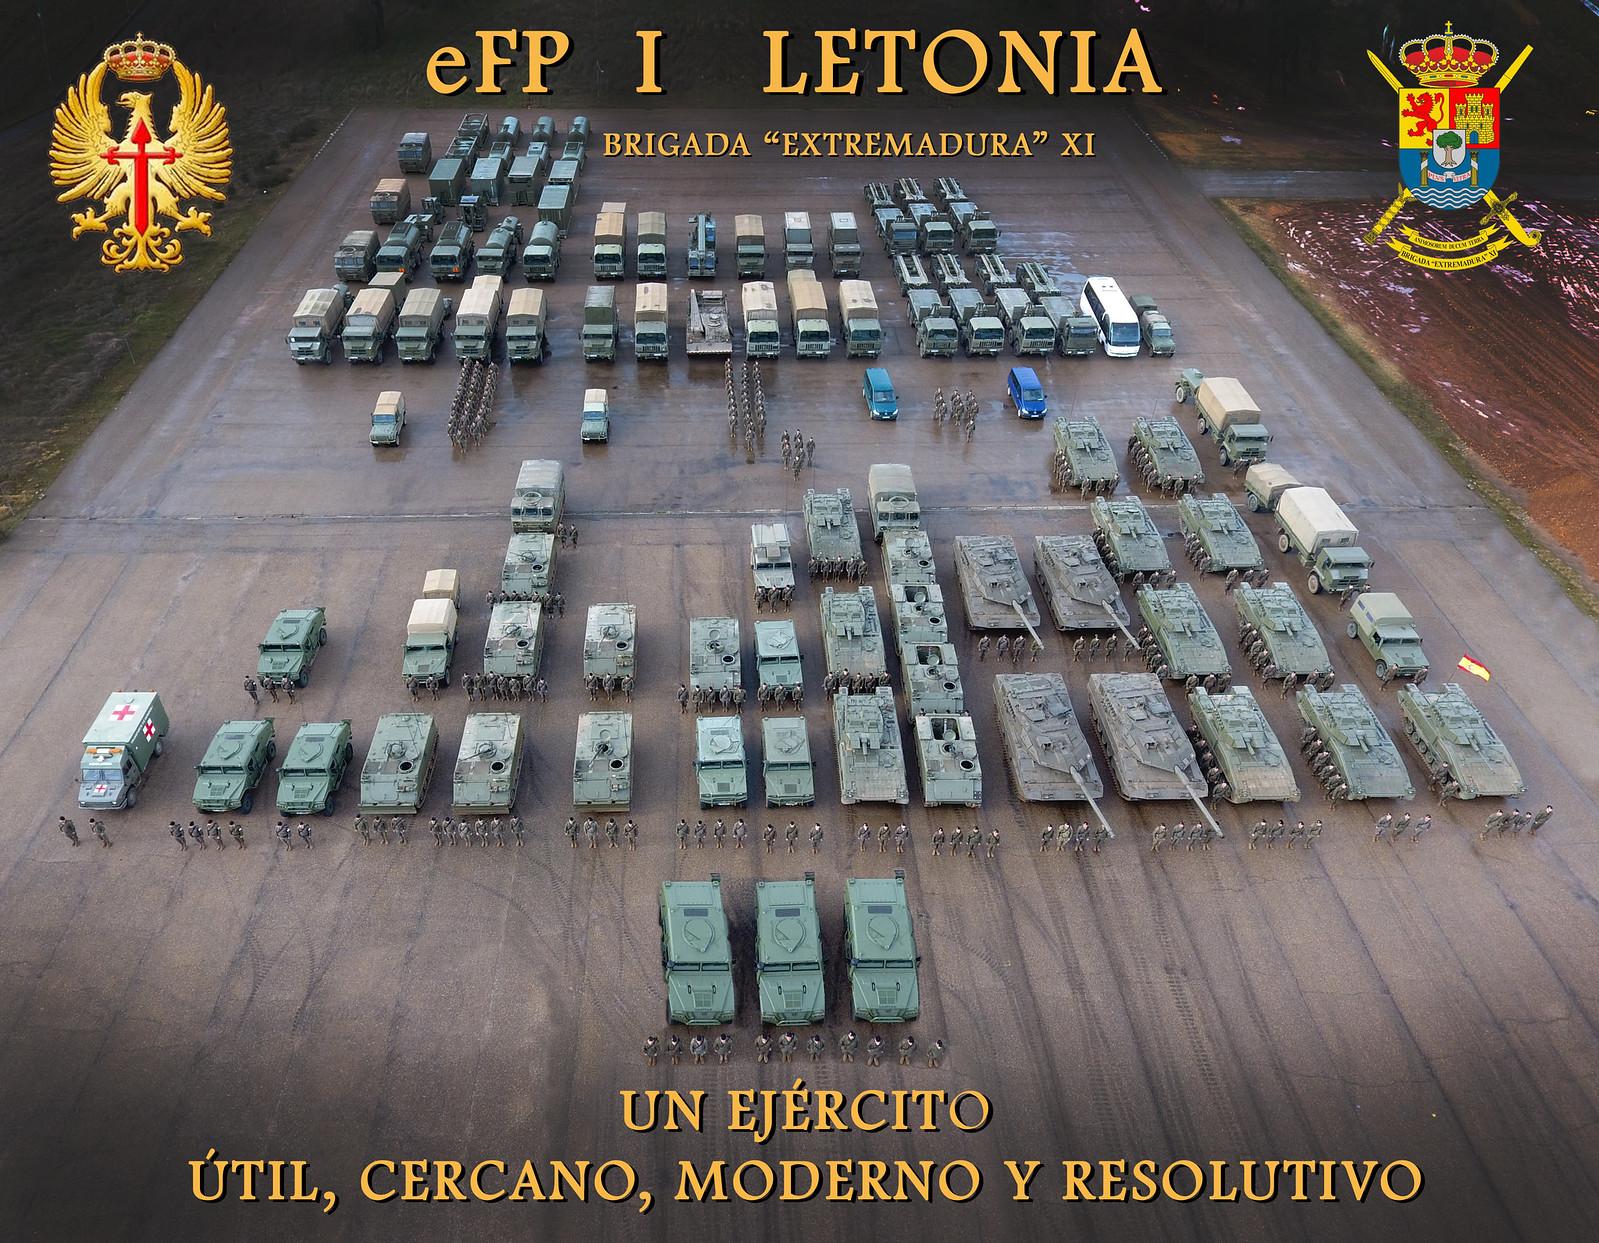 guerra - Fuerzas Armadas Españolas - Página 17 34276387256_8d06d15444_h